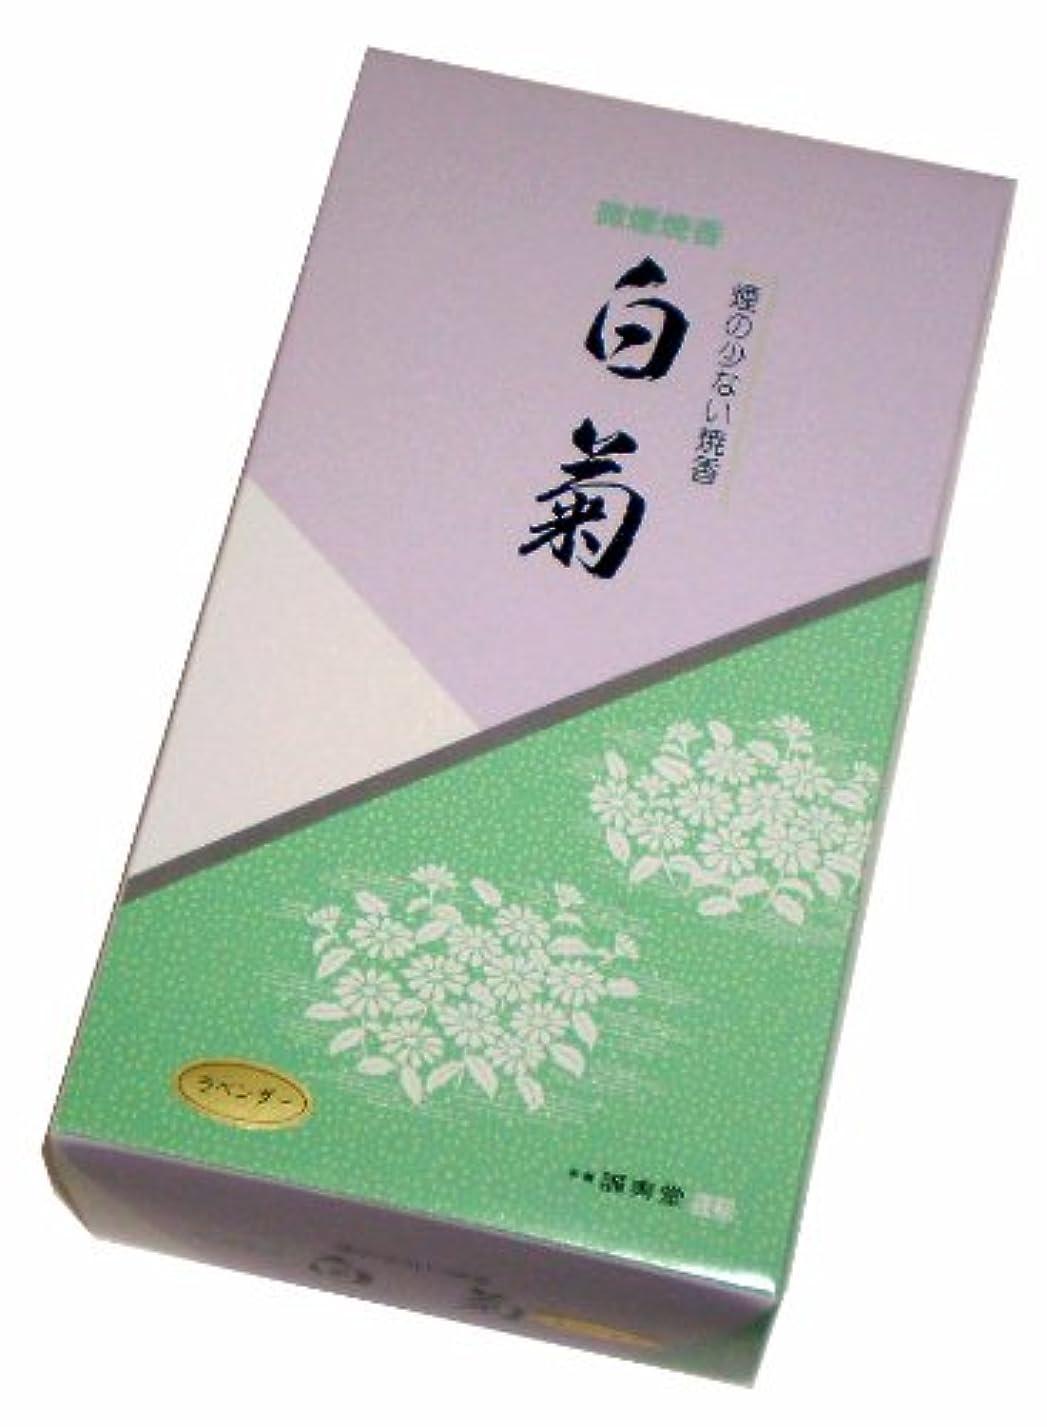 しなやかハリケーン赤ちゃん誠寿堂のお線香 微煙焼香 白菊(ラベンダー)500g #FL21